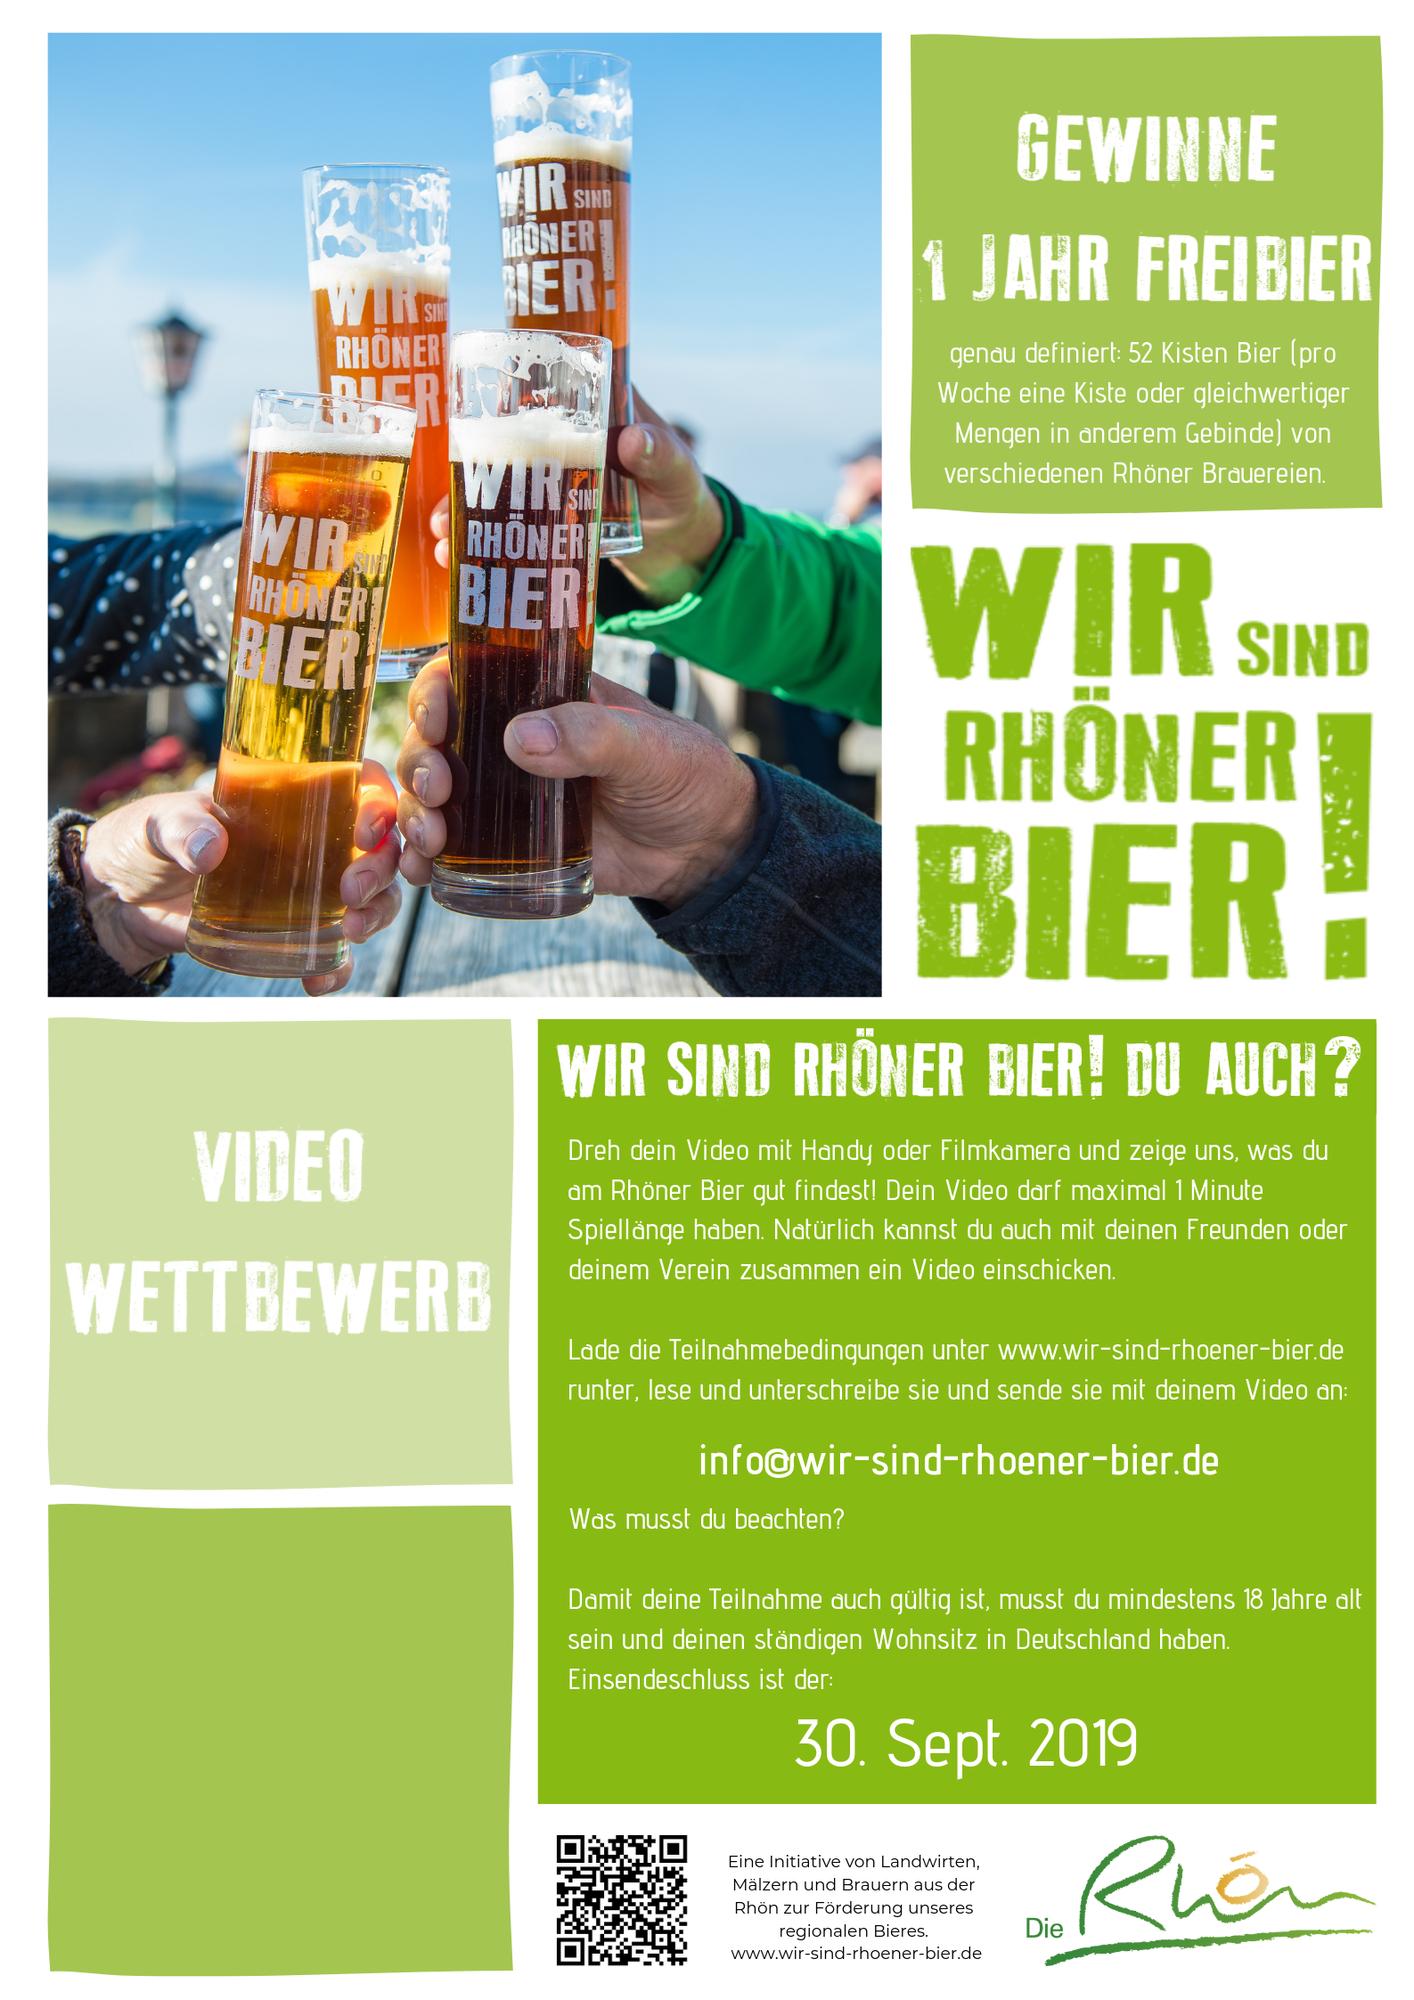 WSRB Video Wettbewerb Poster